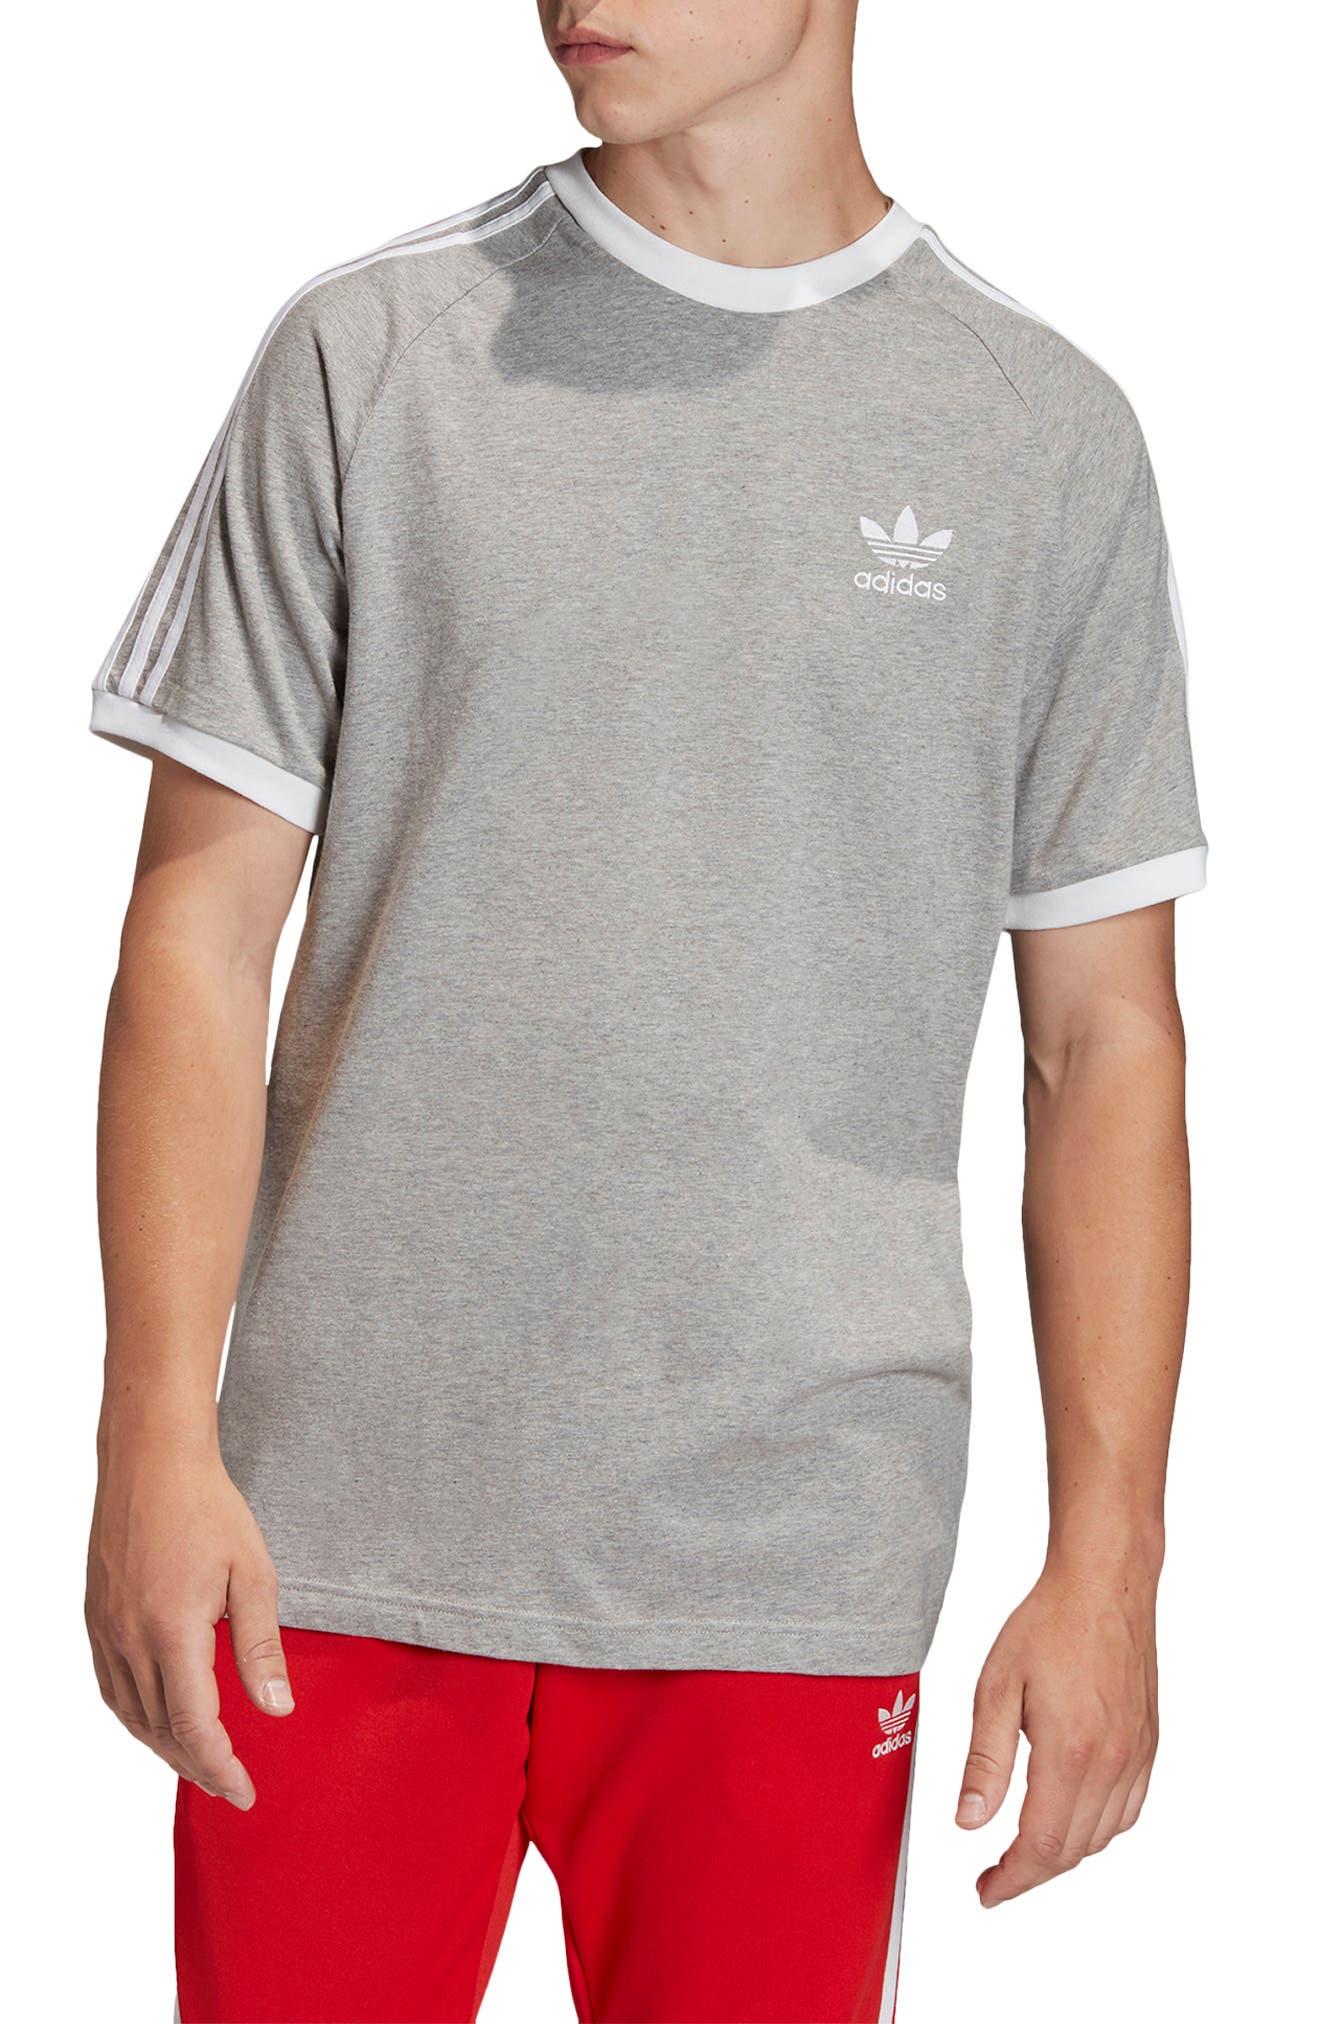 Image of ADIDAS ORIGINALS 3-Stripes T-Shirt